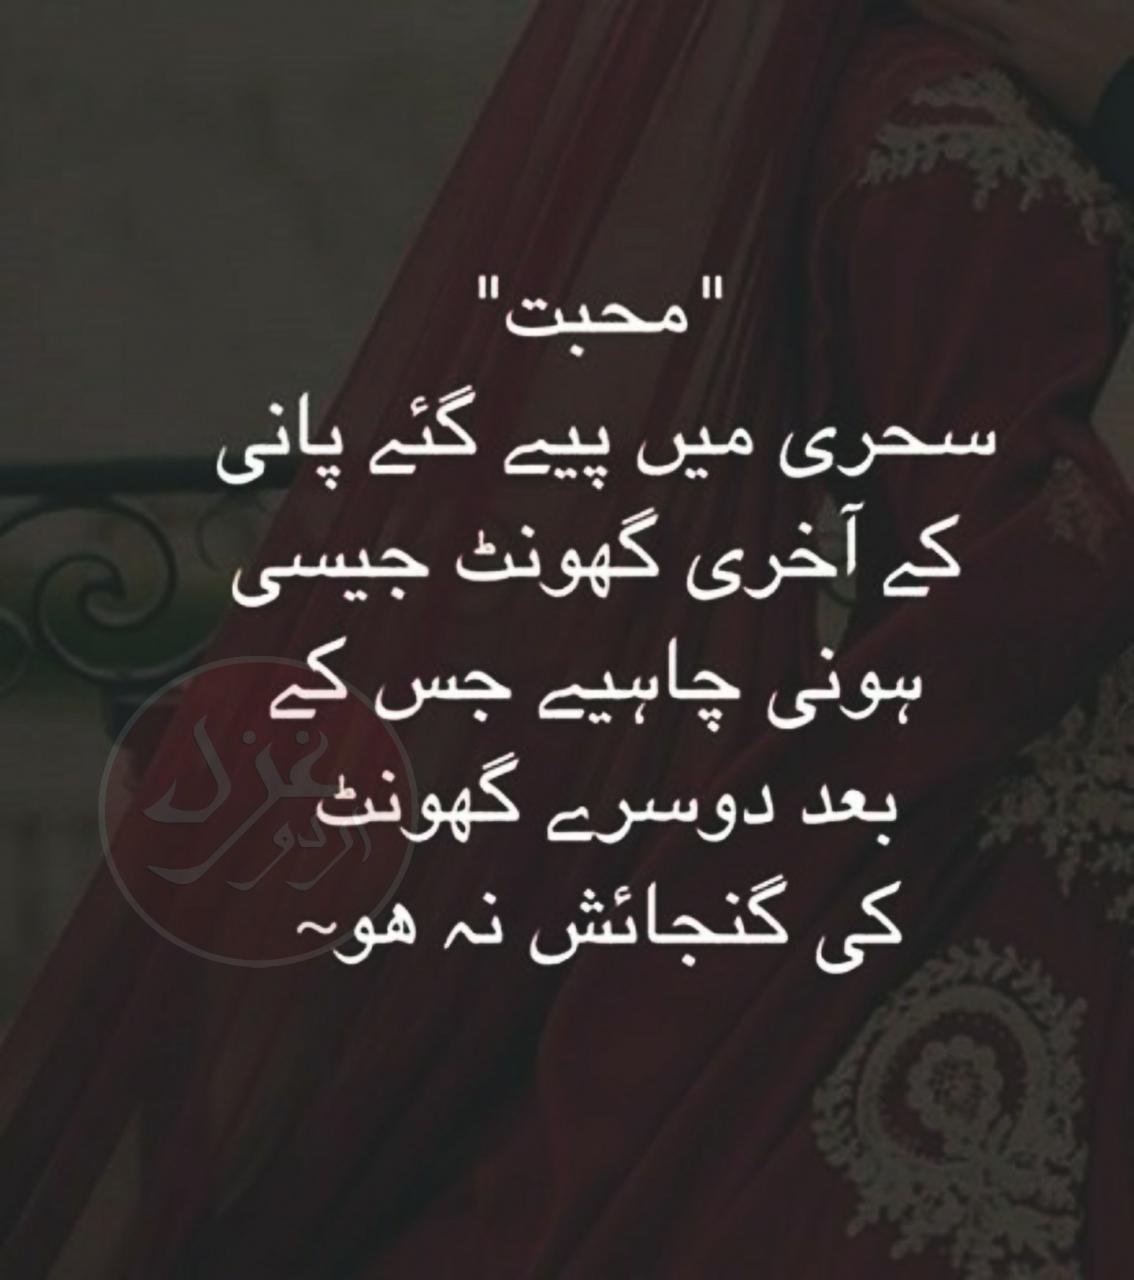 Love Quotes In Urdu 2019